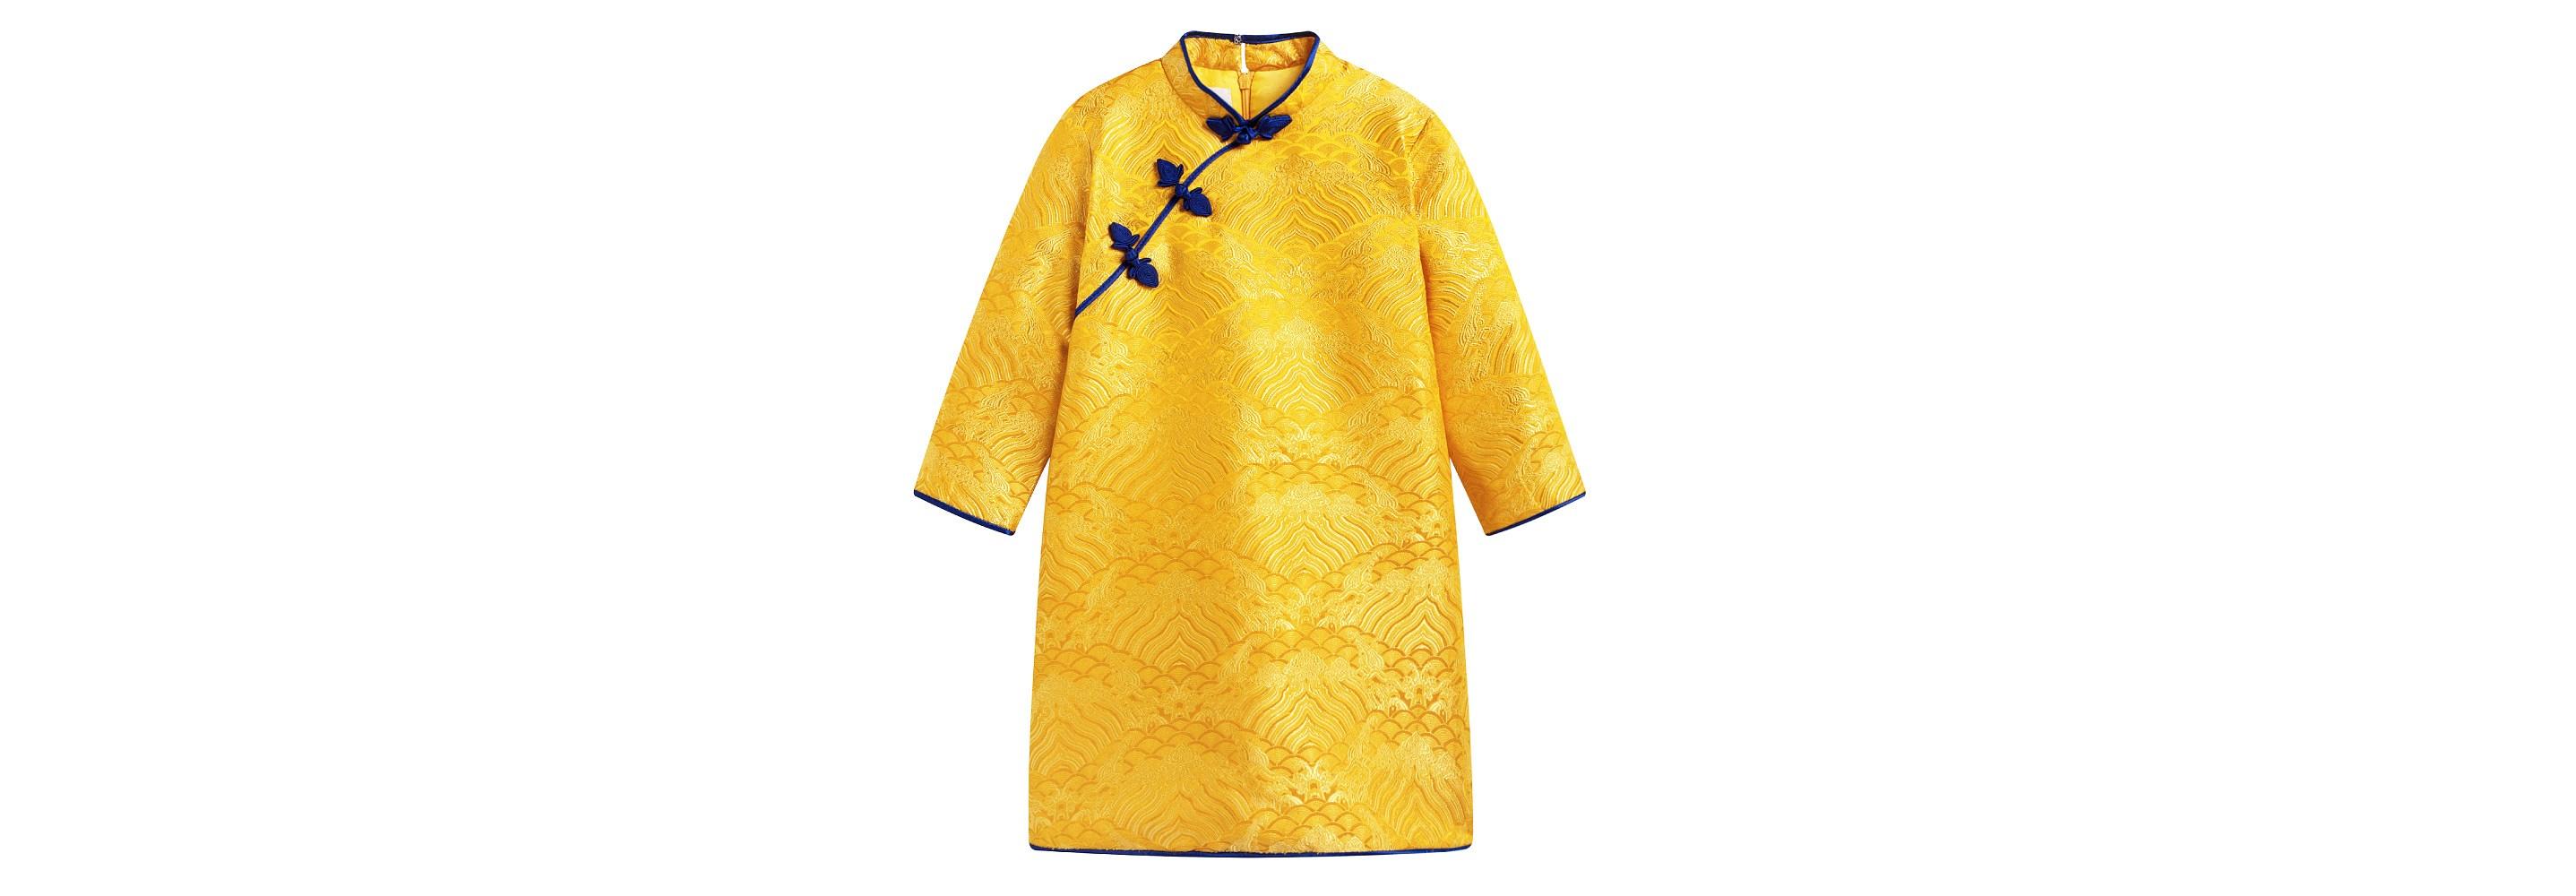 黄色水波纹长袖